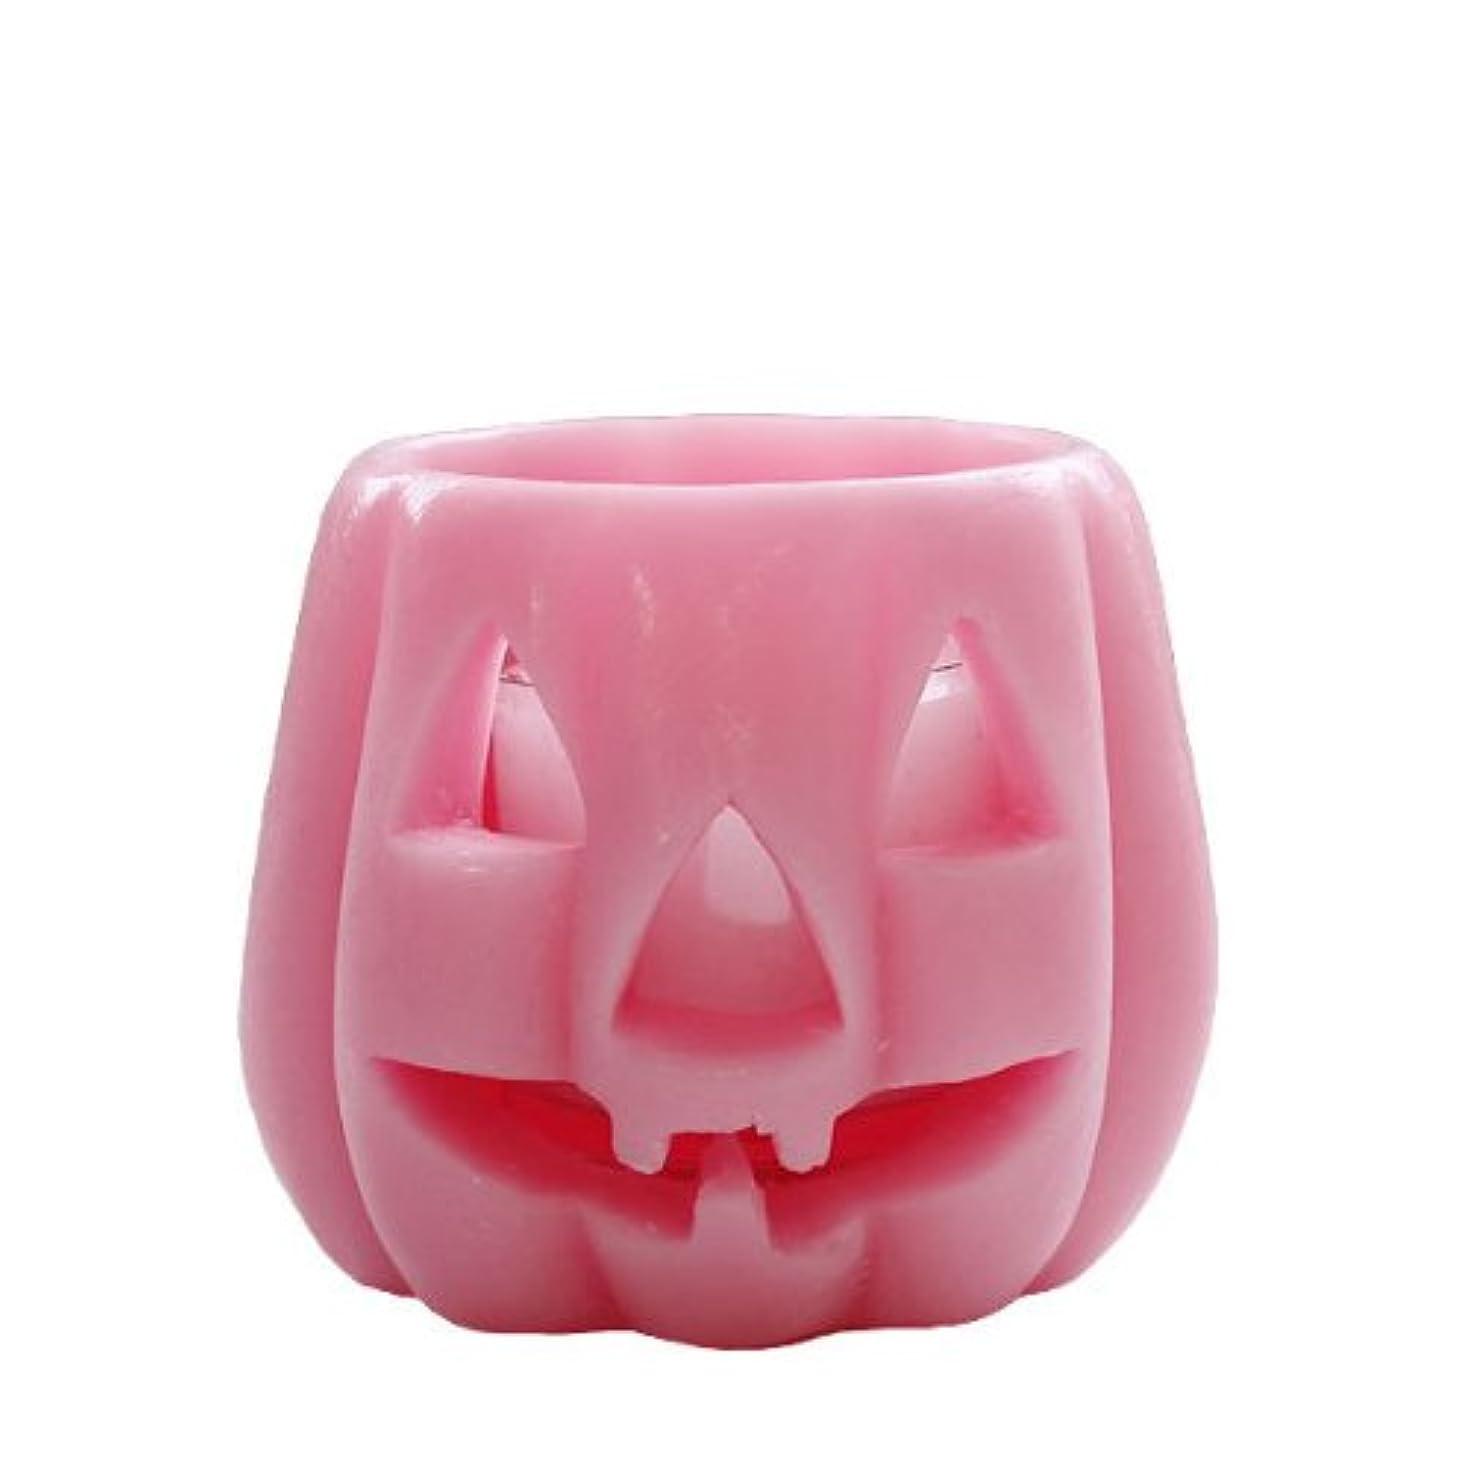 ボトルネック砂包帯パンプキンフェイスG 「 ピンク 」